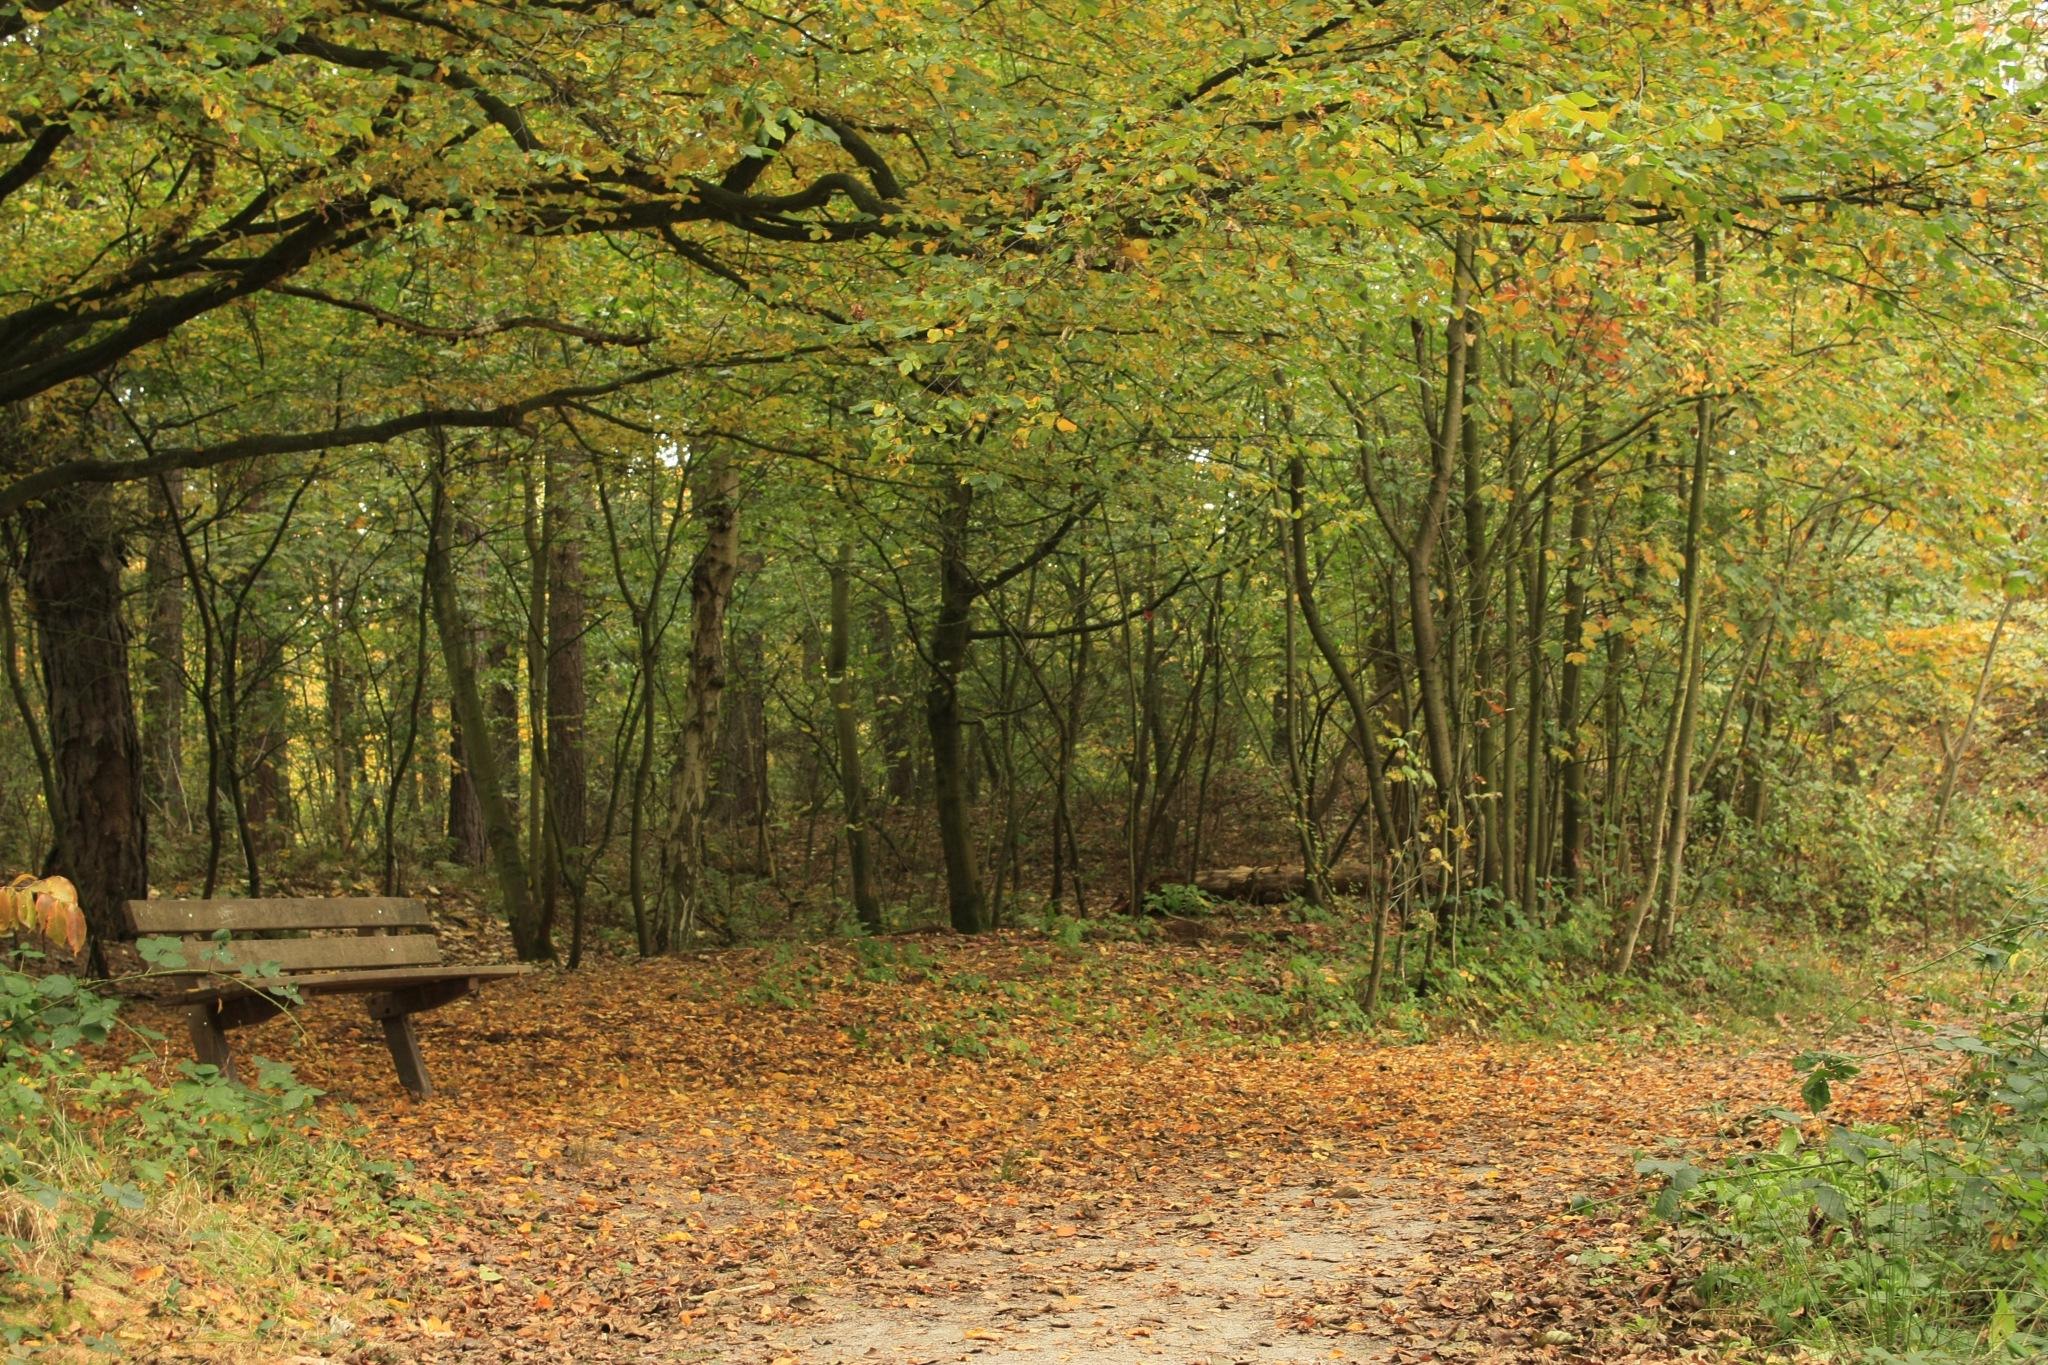 Autumn by adriaan.boender